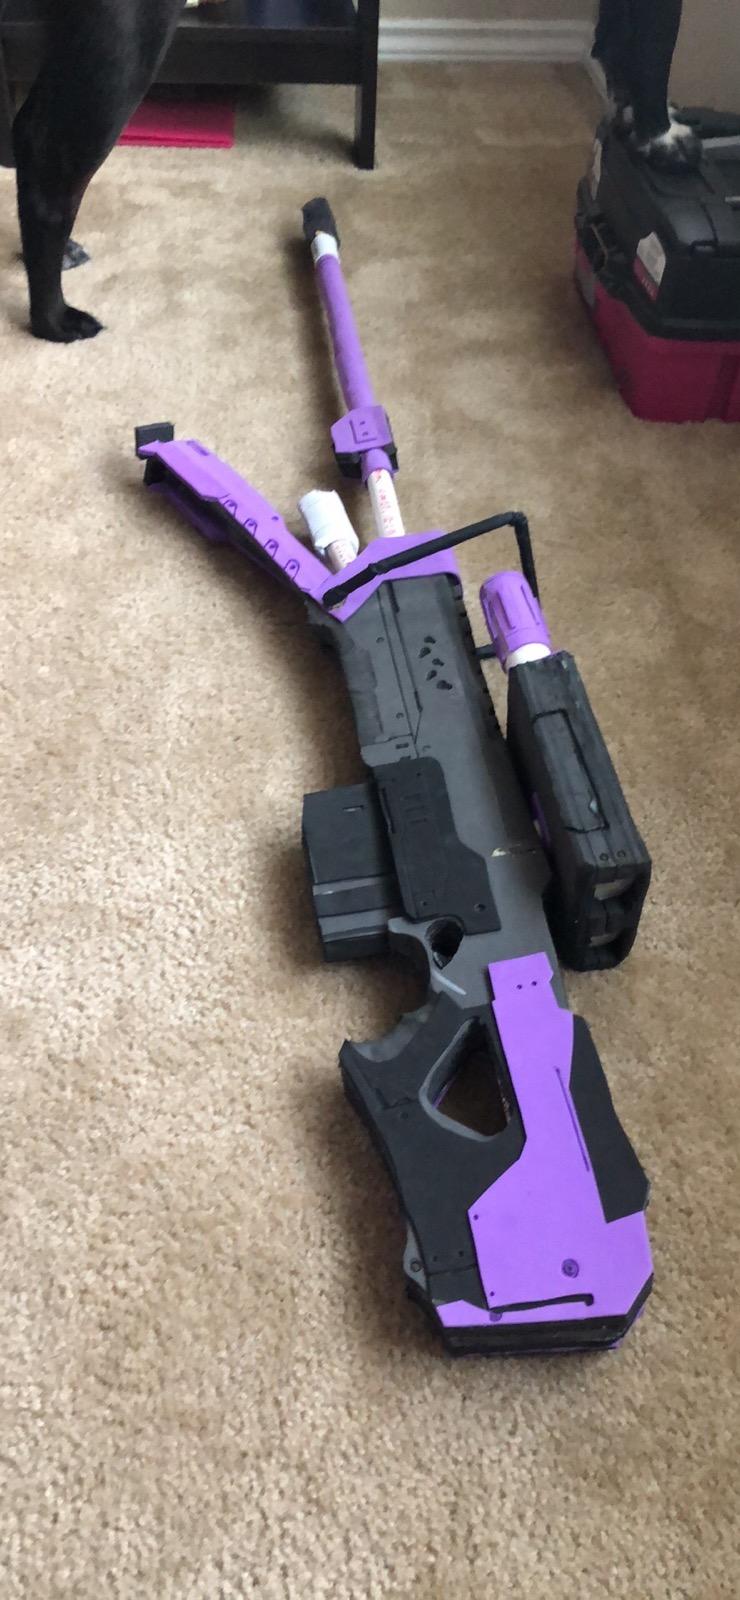 sniperconstruct.jpg